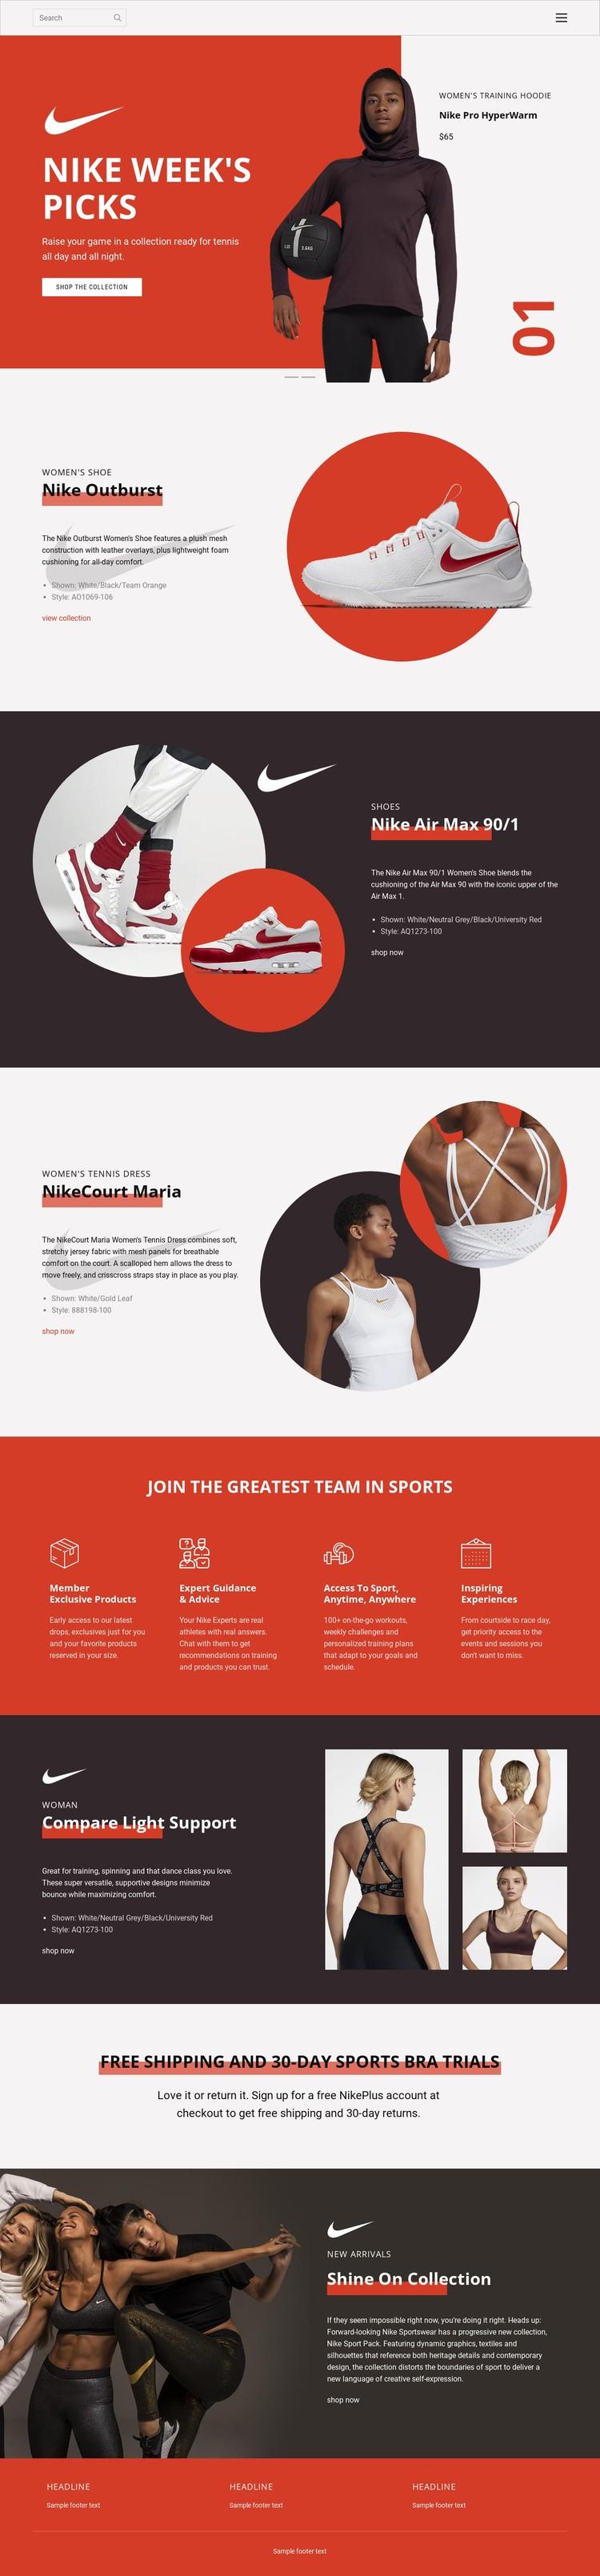 Nike Favorites Static Site Generator